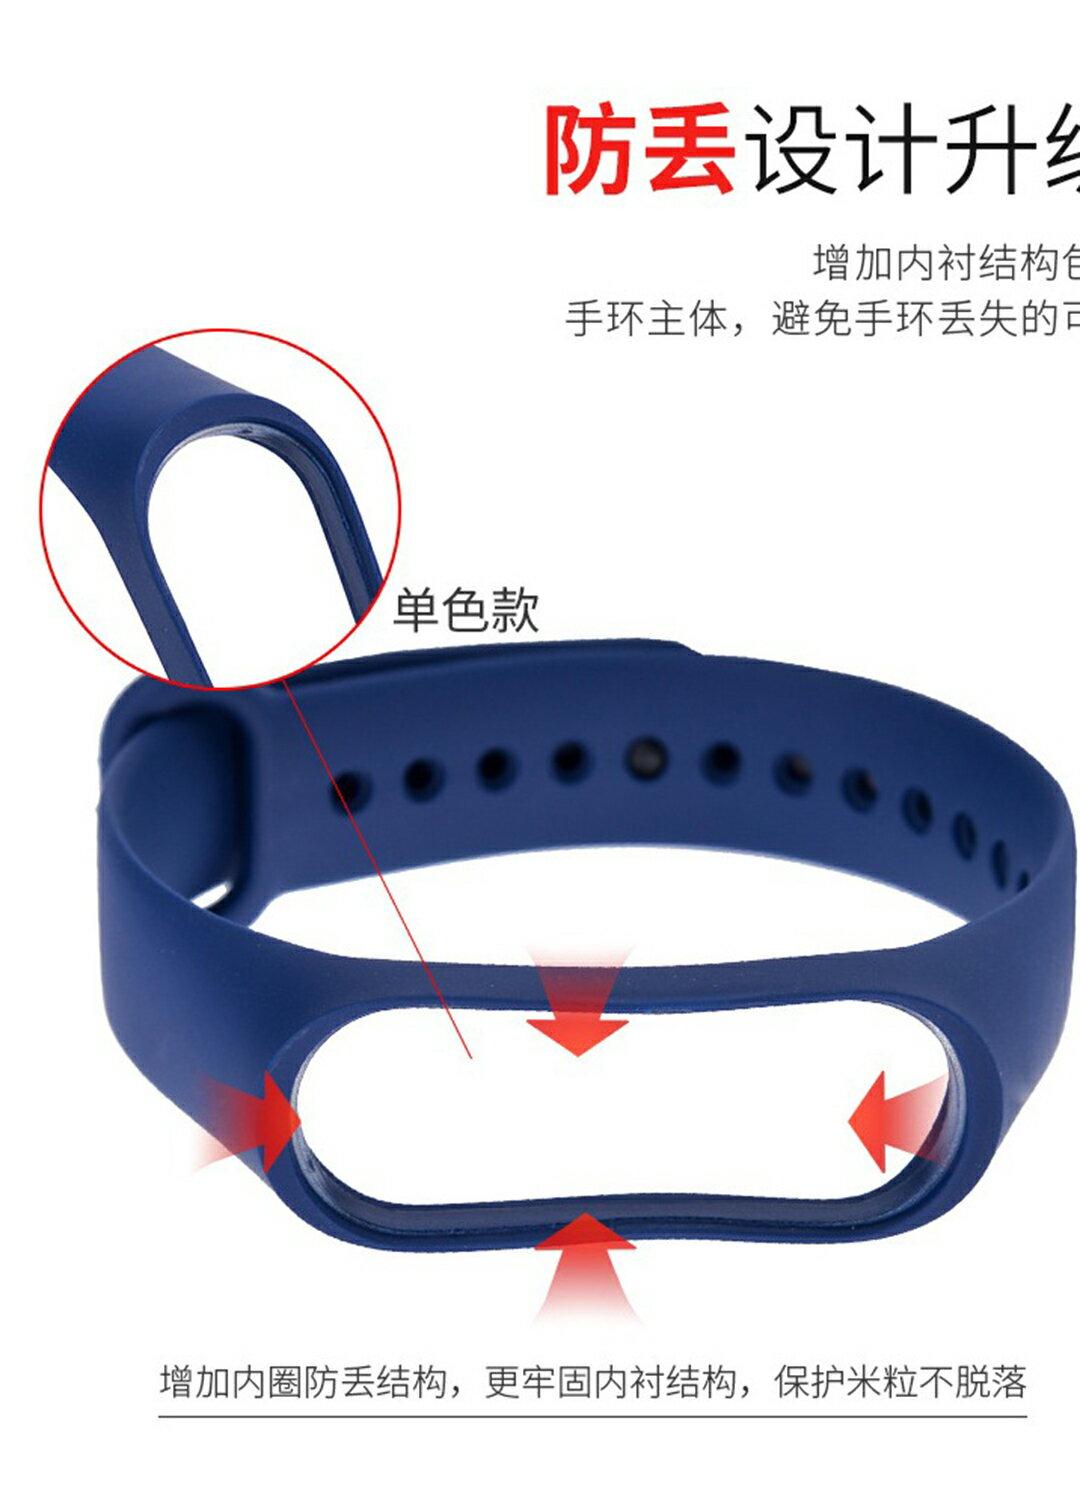 【台灣現貨】小米手環單色腕帶 迷彩腕帶 矽膠替換帶 小米手環4 小米手環3 小米手錶 智慧手錶 智慧手環 運動手環 3